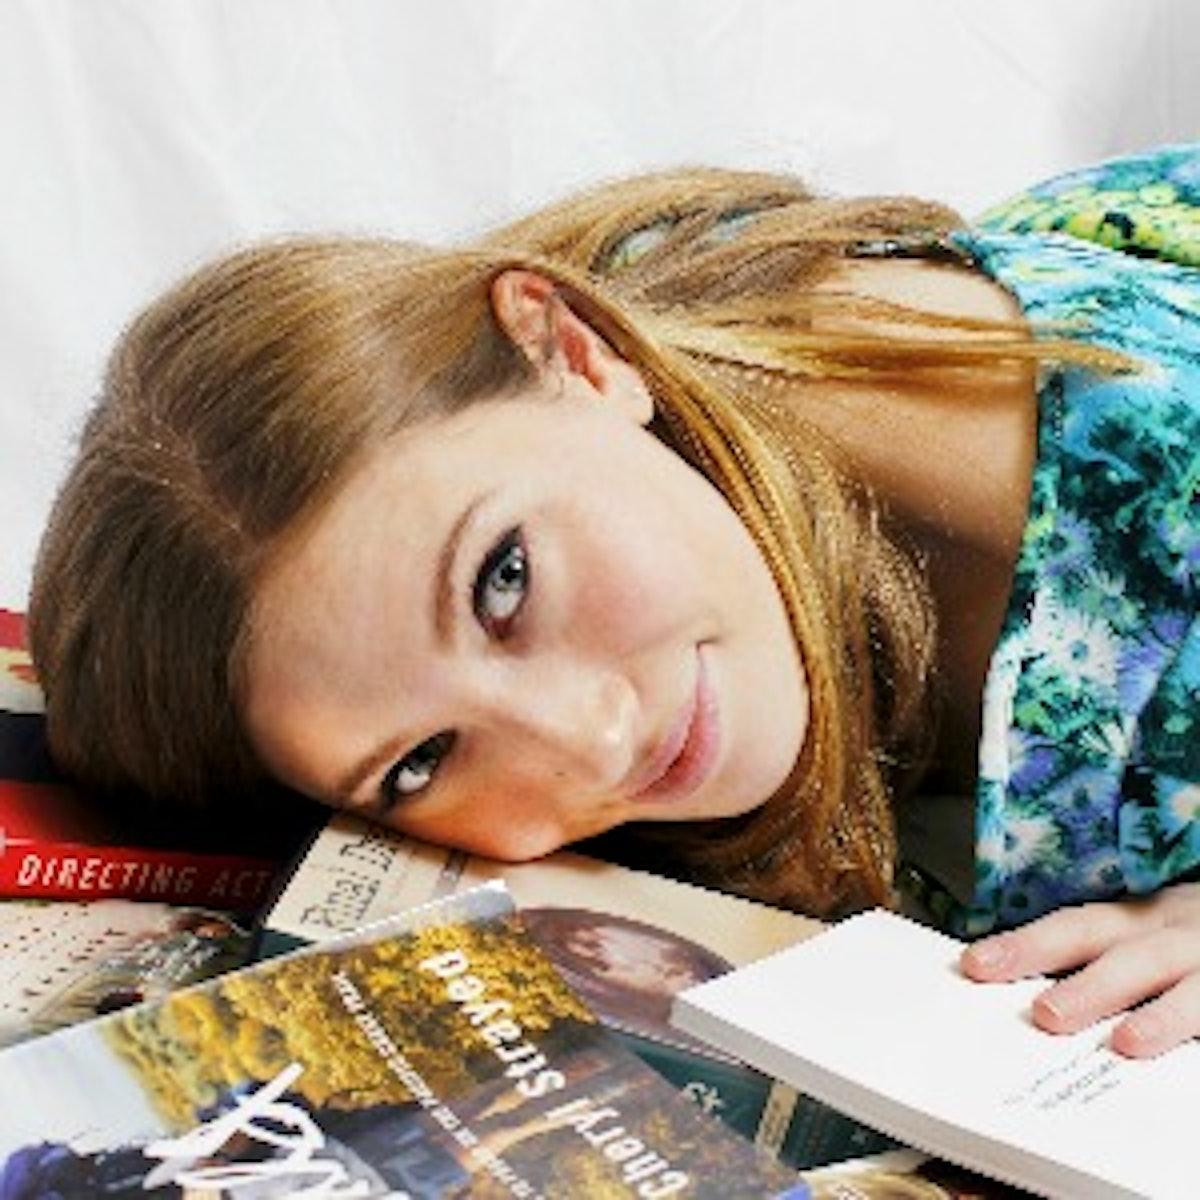 Ariel Sobel